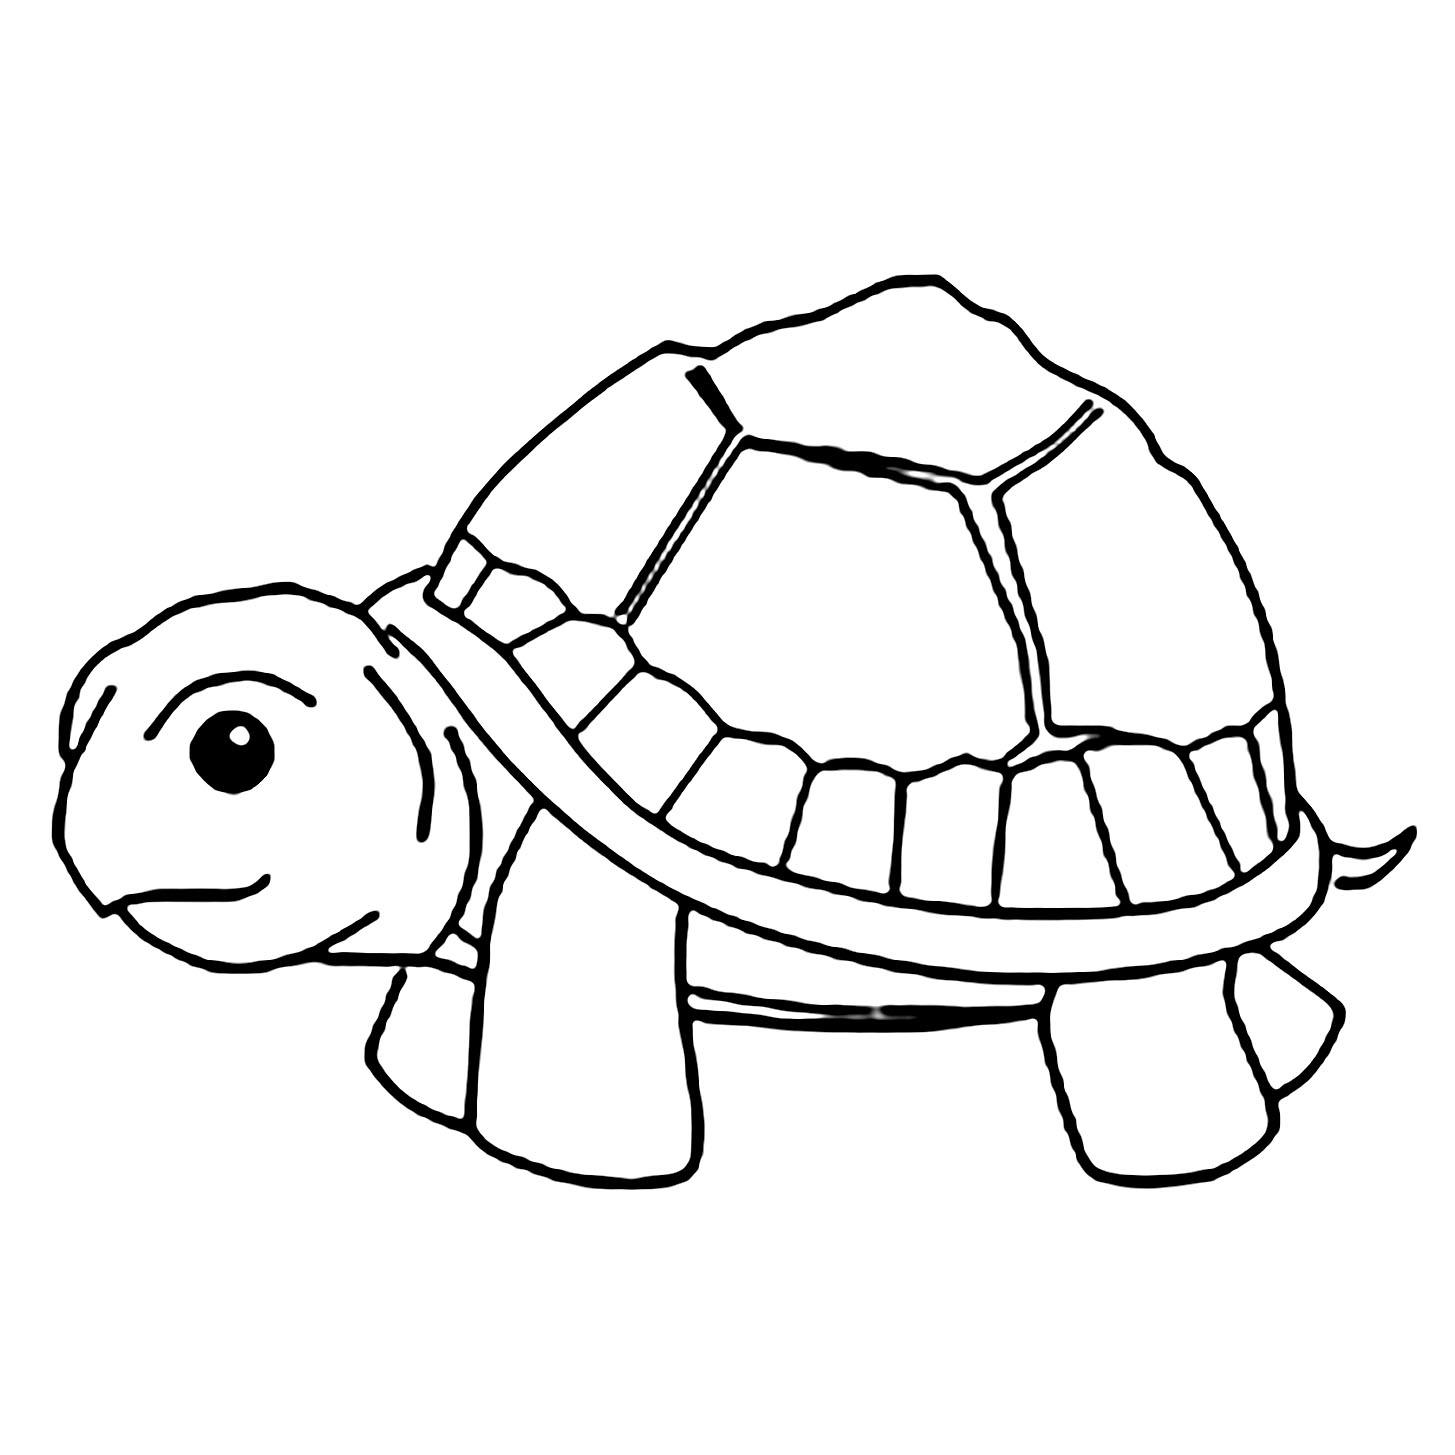 Tranh cho bé tô màu con rùa 0